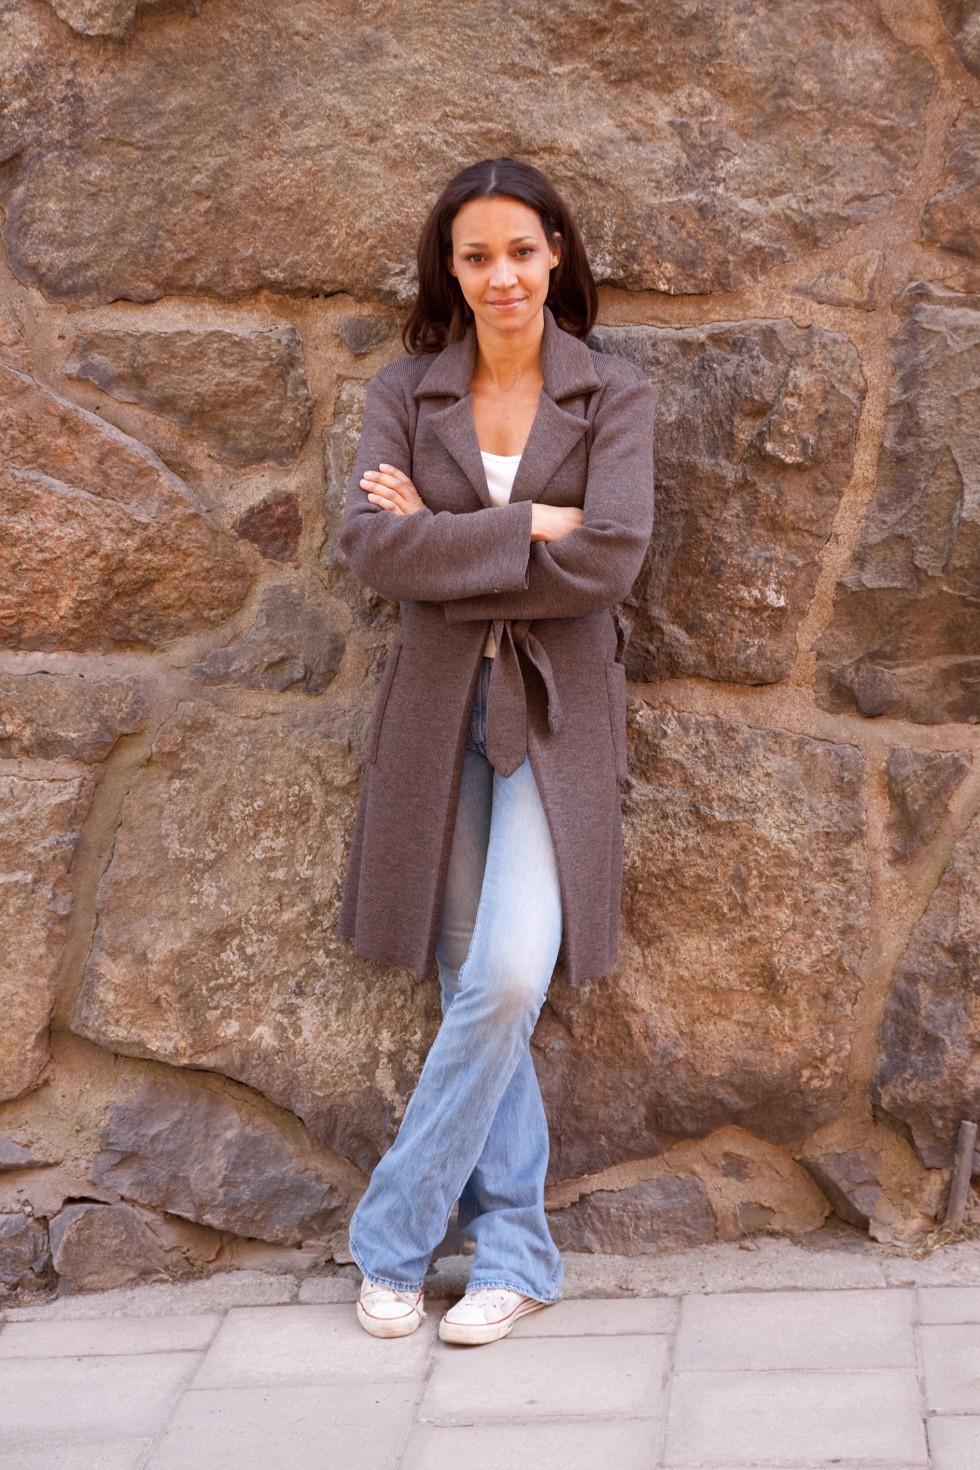 Samantha Coard, journalist